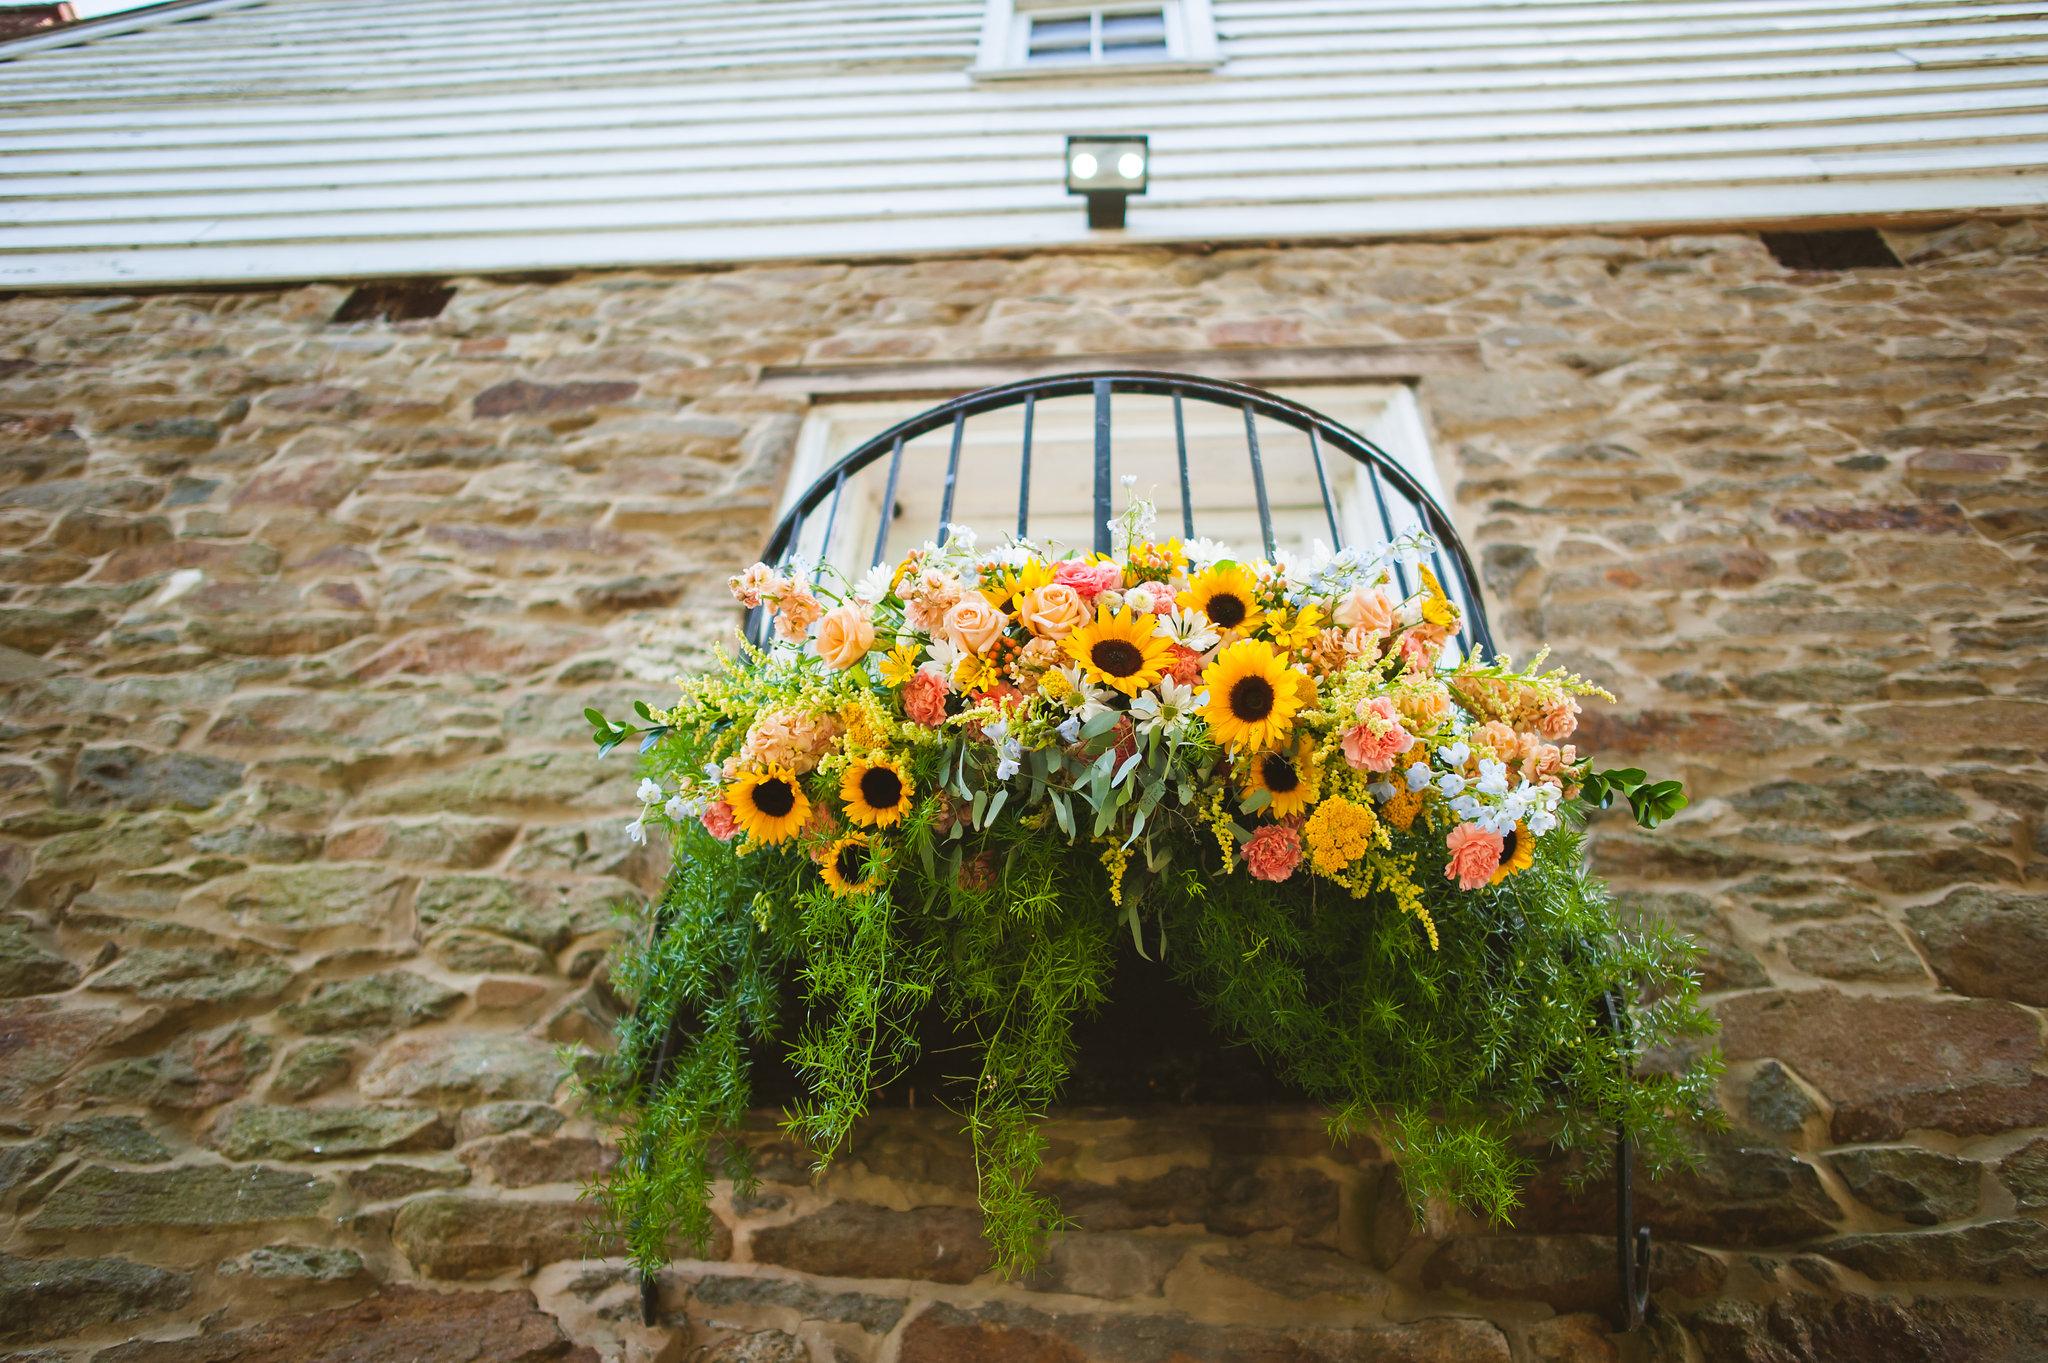 Floral Installation over Doorway